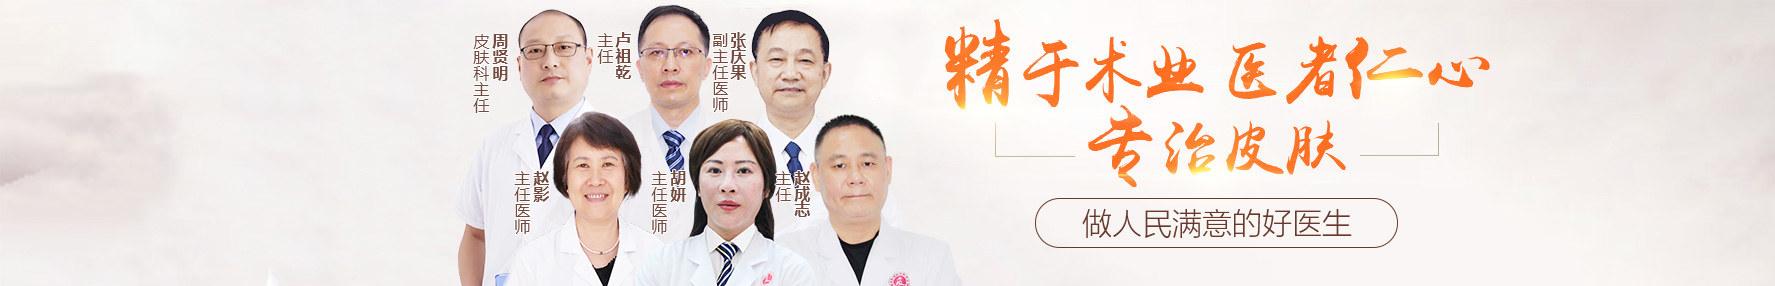 深圳皮肤病医院